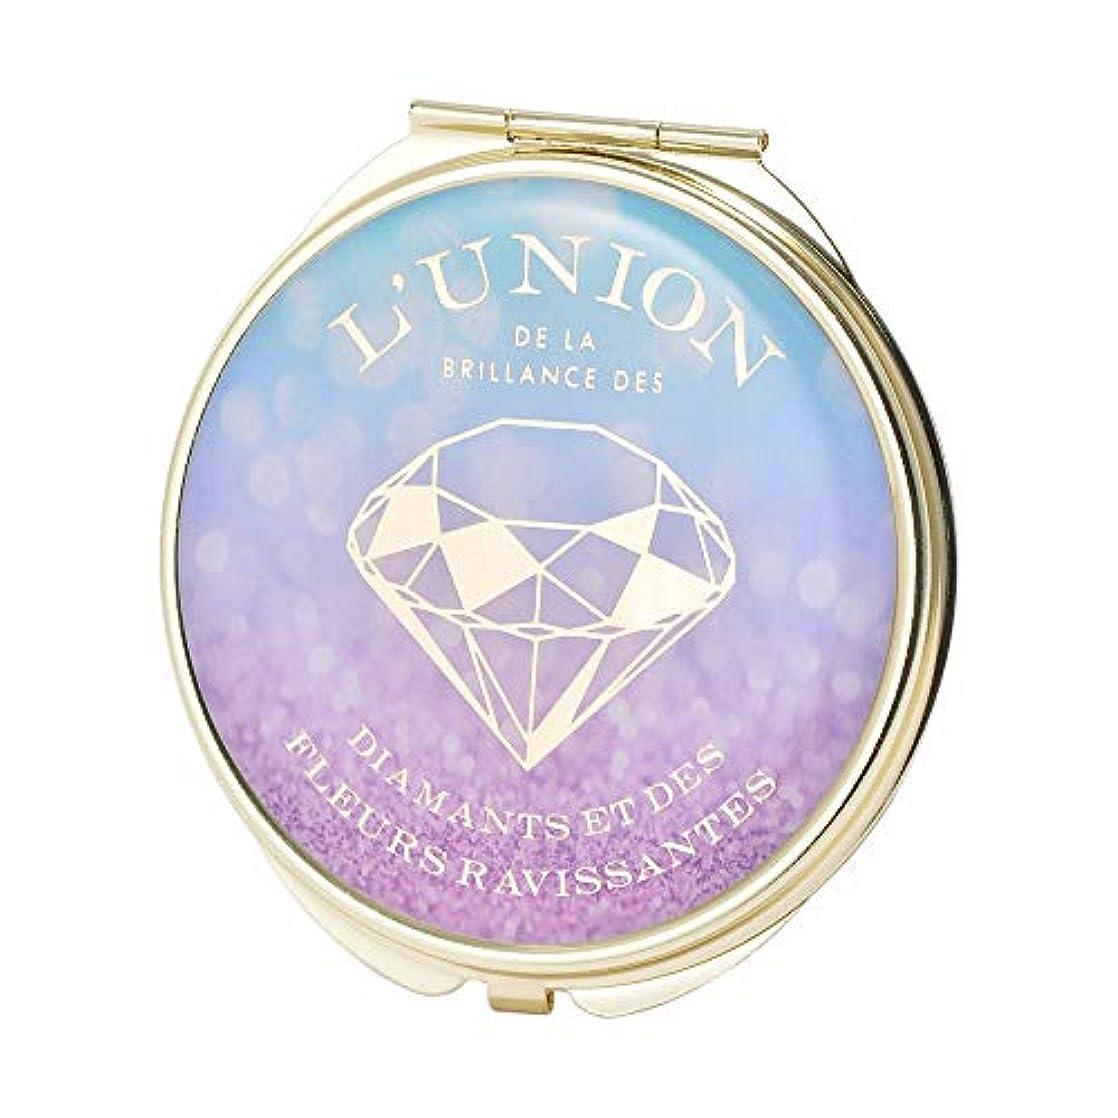 製造業店主予測子マークス コンパクト ミラー ラメダイヤ ブルーパープル Brilliant ブリリアント ZRINF-MR04-BLPL